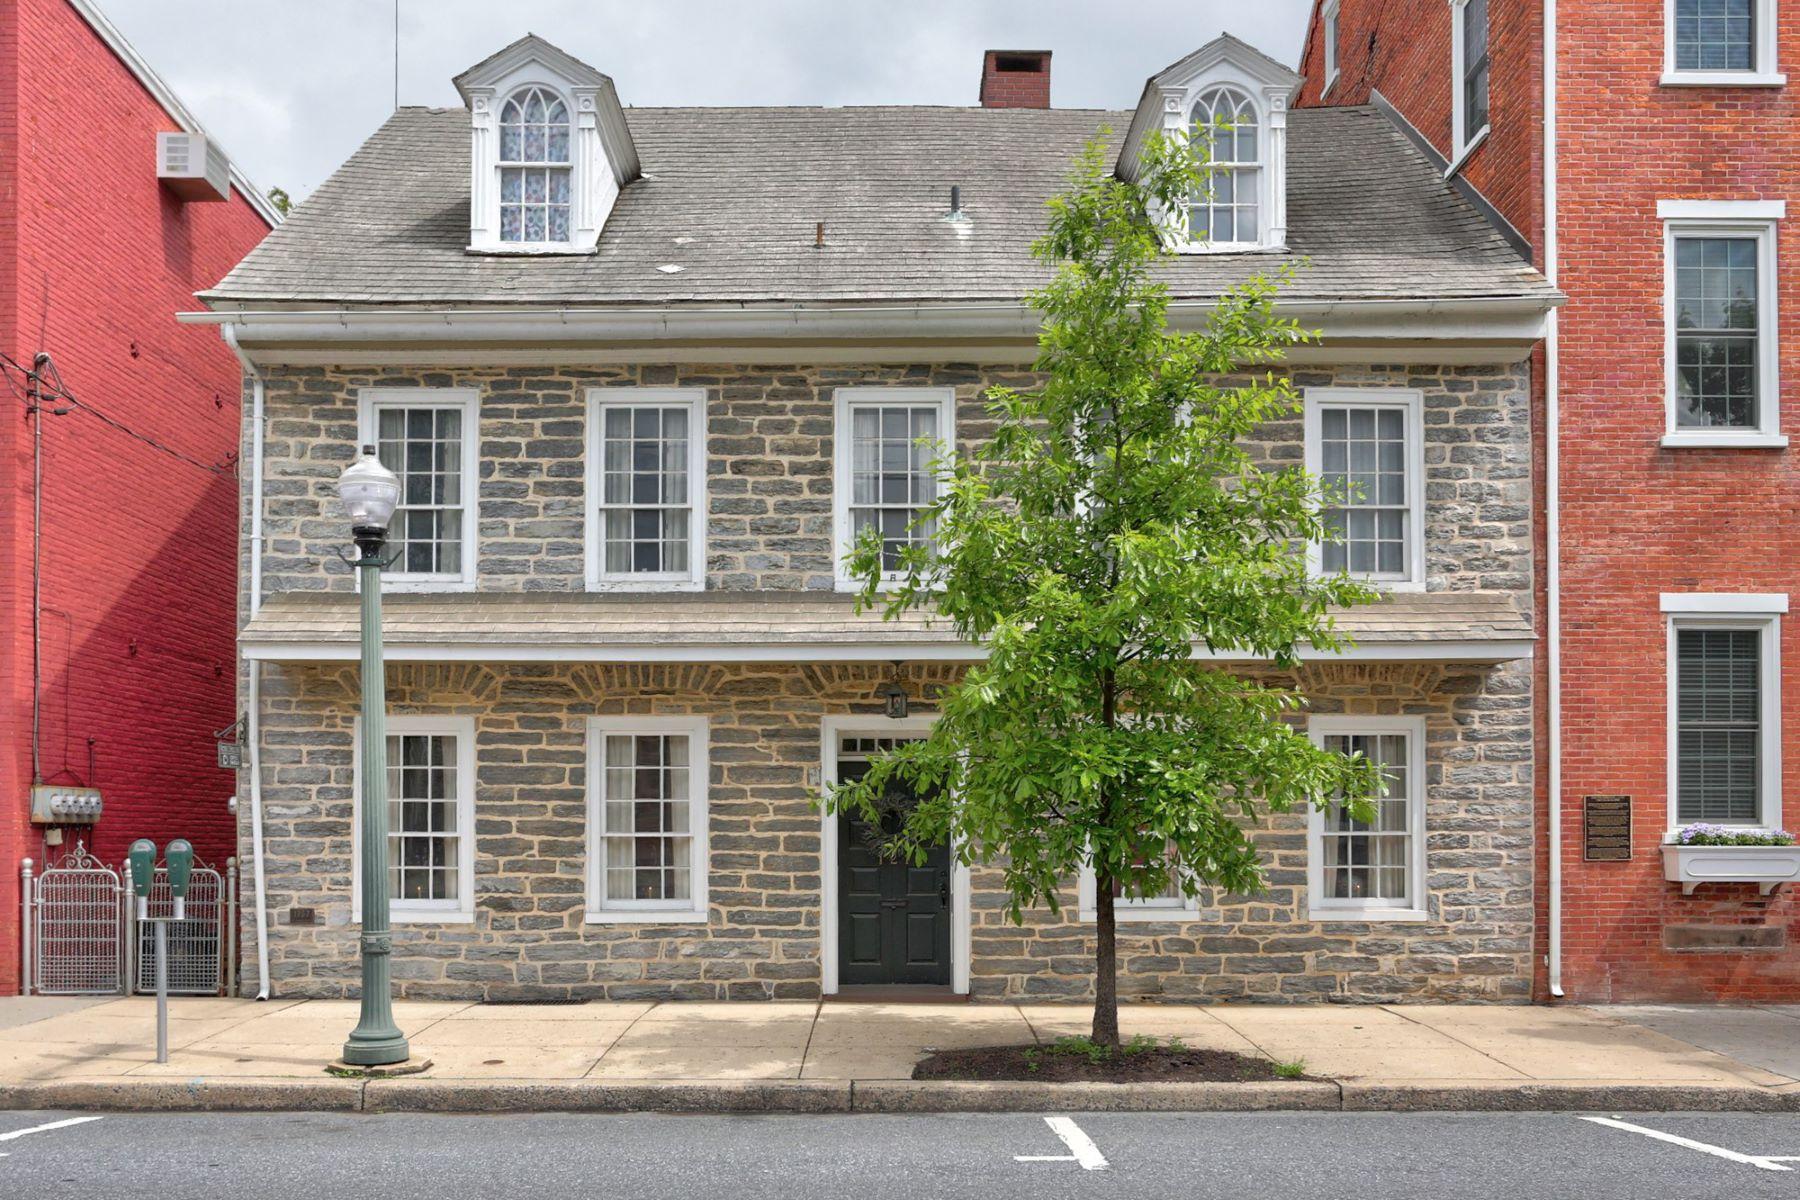 独户住宅 为 销售 在 121 E Main Street 121 E Main Street 立提兹市, 宾夕法尼亚州 17543 美国